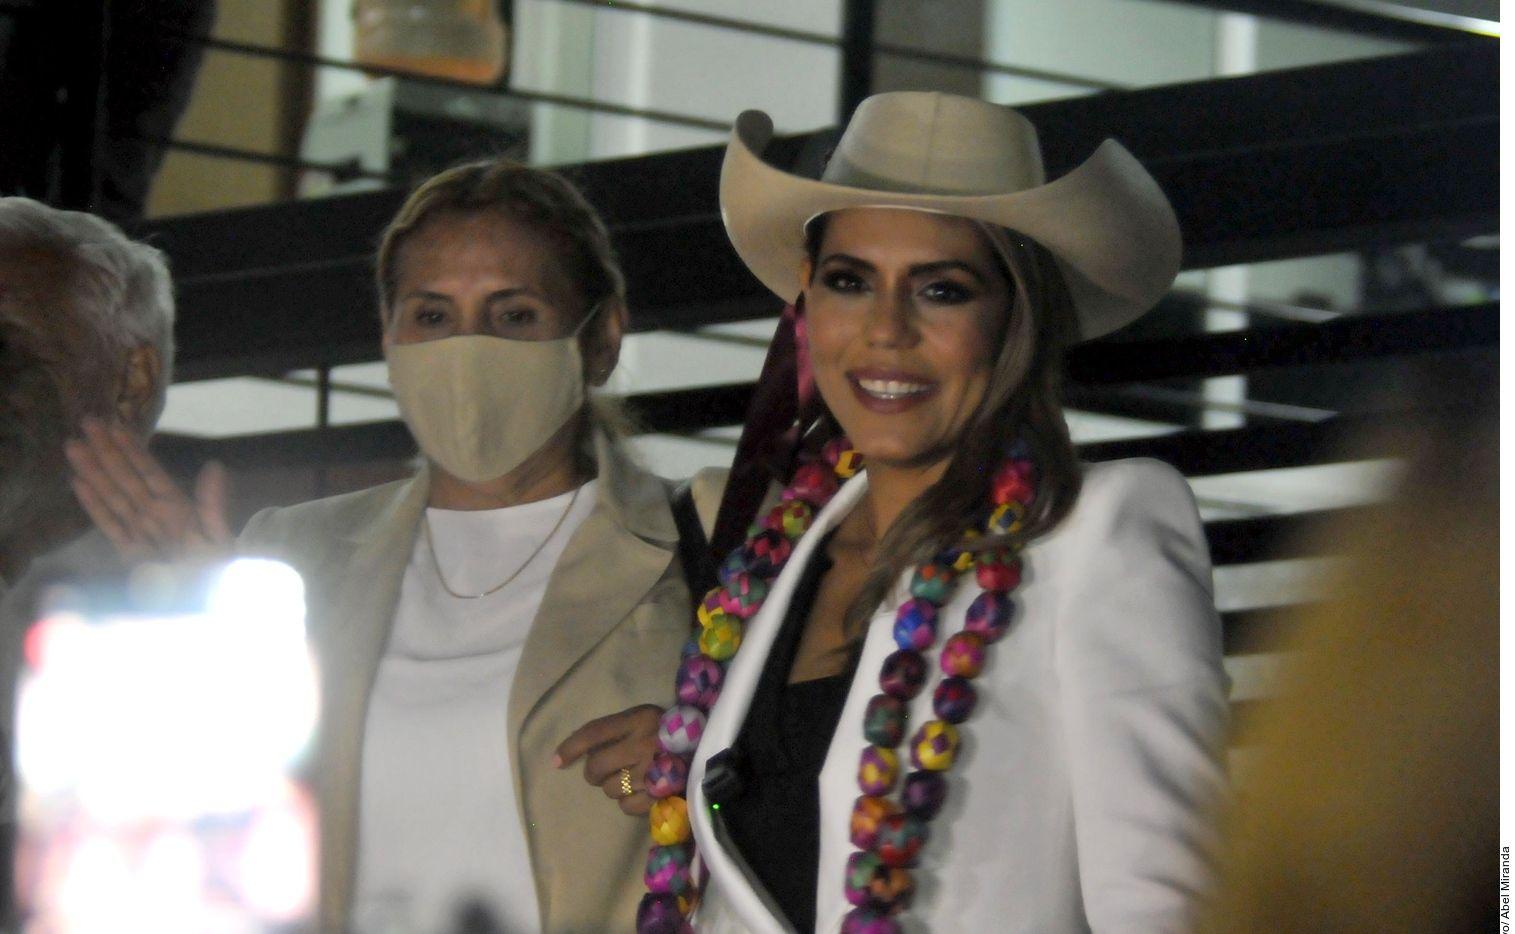 El sábado, la dirigencia de Morena aseguró que Evelyn Salgado (der.) fue la mejor posicionada en tres encuestas telefónicas, por lo que se solicitó el registro como candidata, en sustitución de su padre.